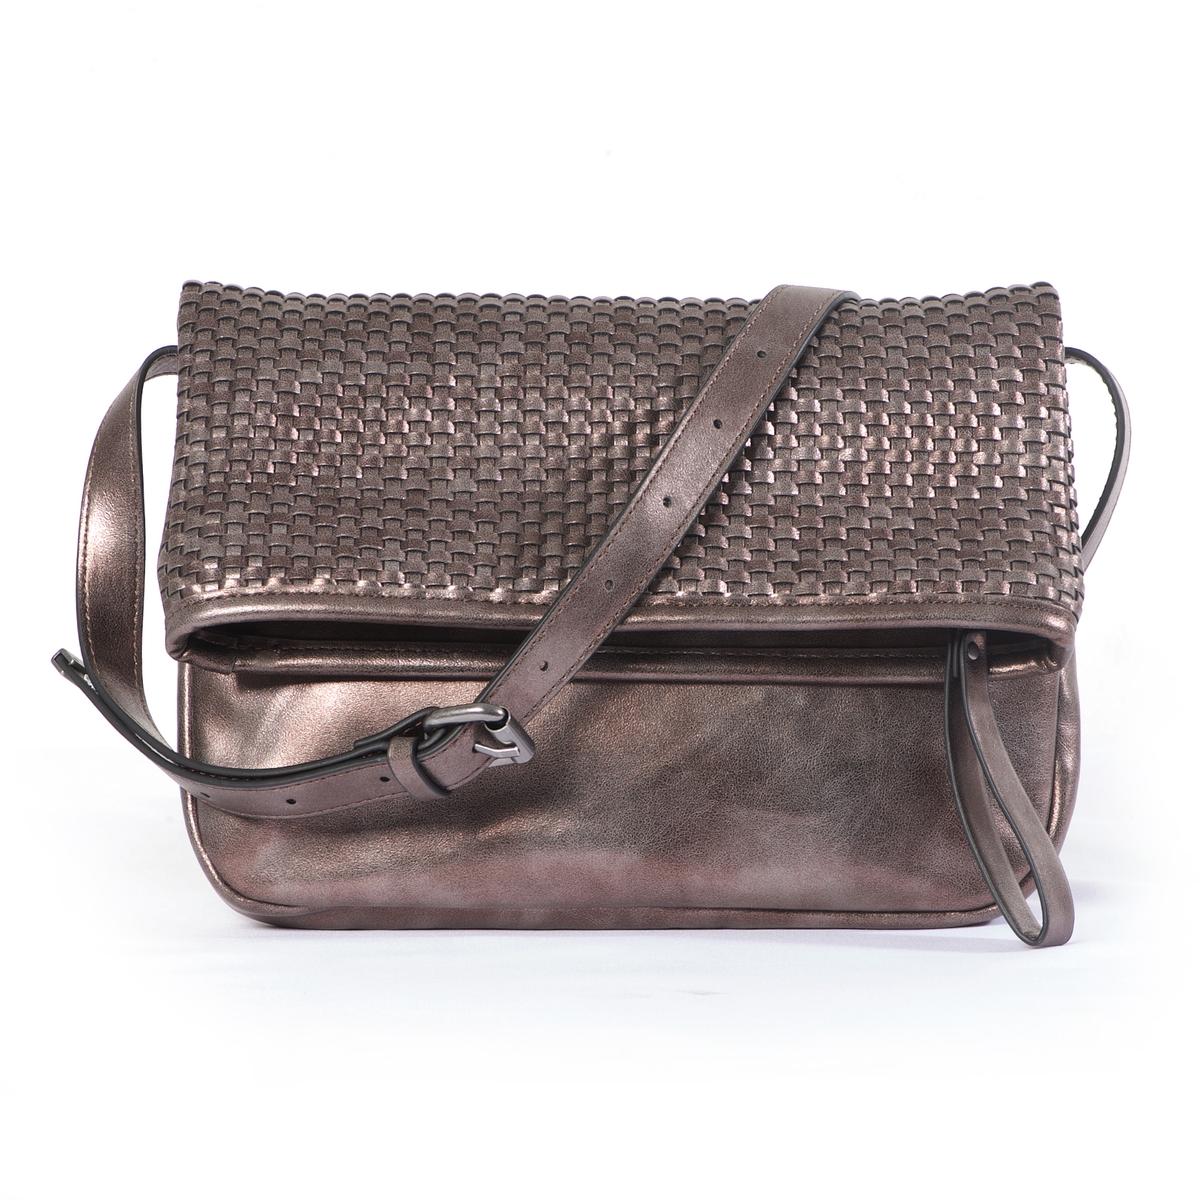 Сумка Trish сумка esprit cc6010f 469